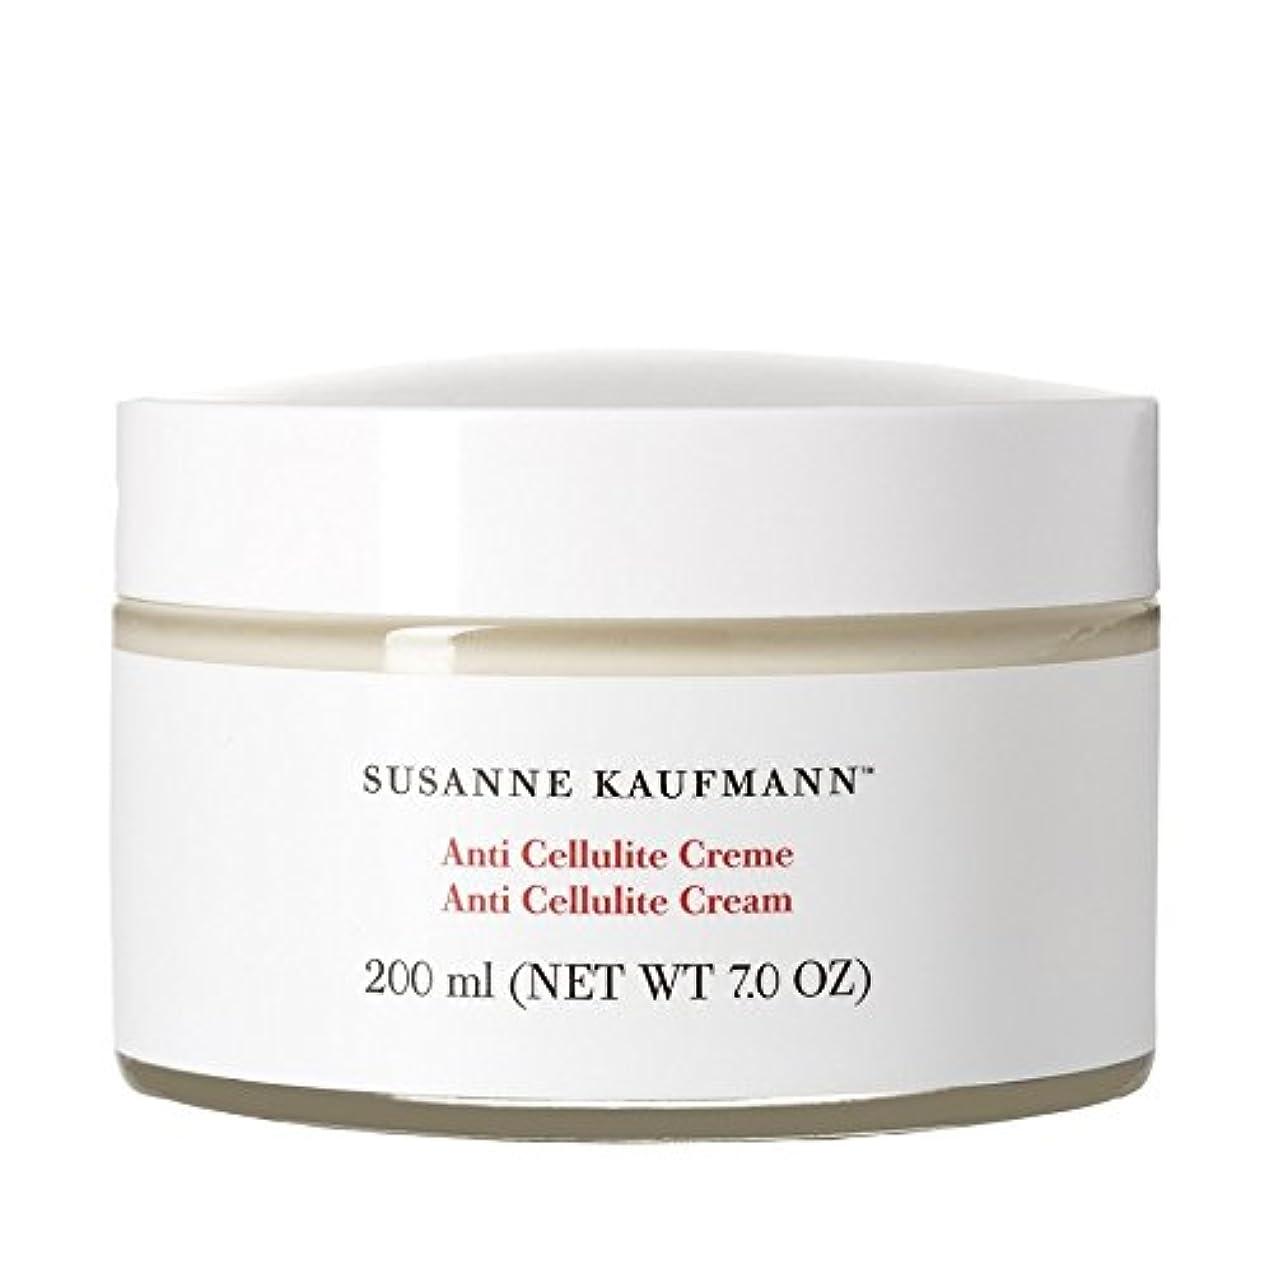 ソート言う思い出すスザンヌカウフマン抗セルライトクリーム200ミリリットル x2 - Susanne Kaufmann Anti Cellulite Cream 200ml (Pack of 2) [並行輸入品]